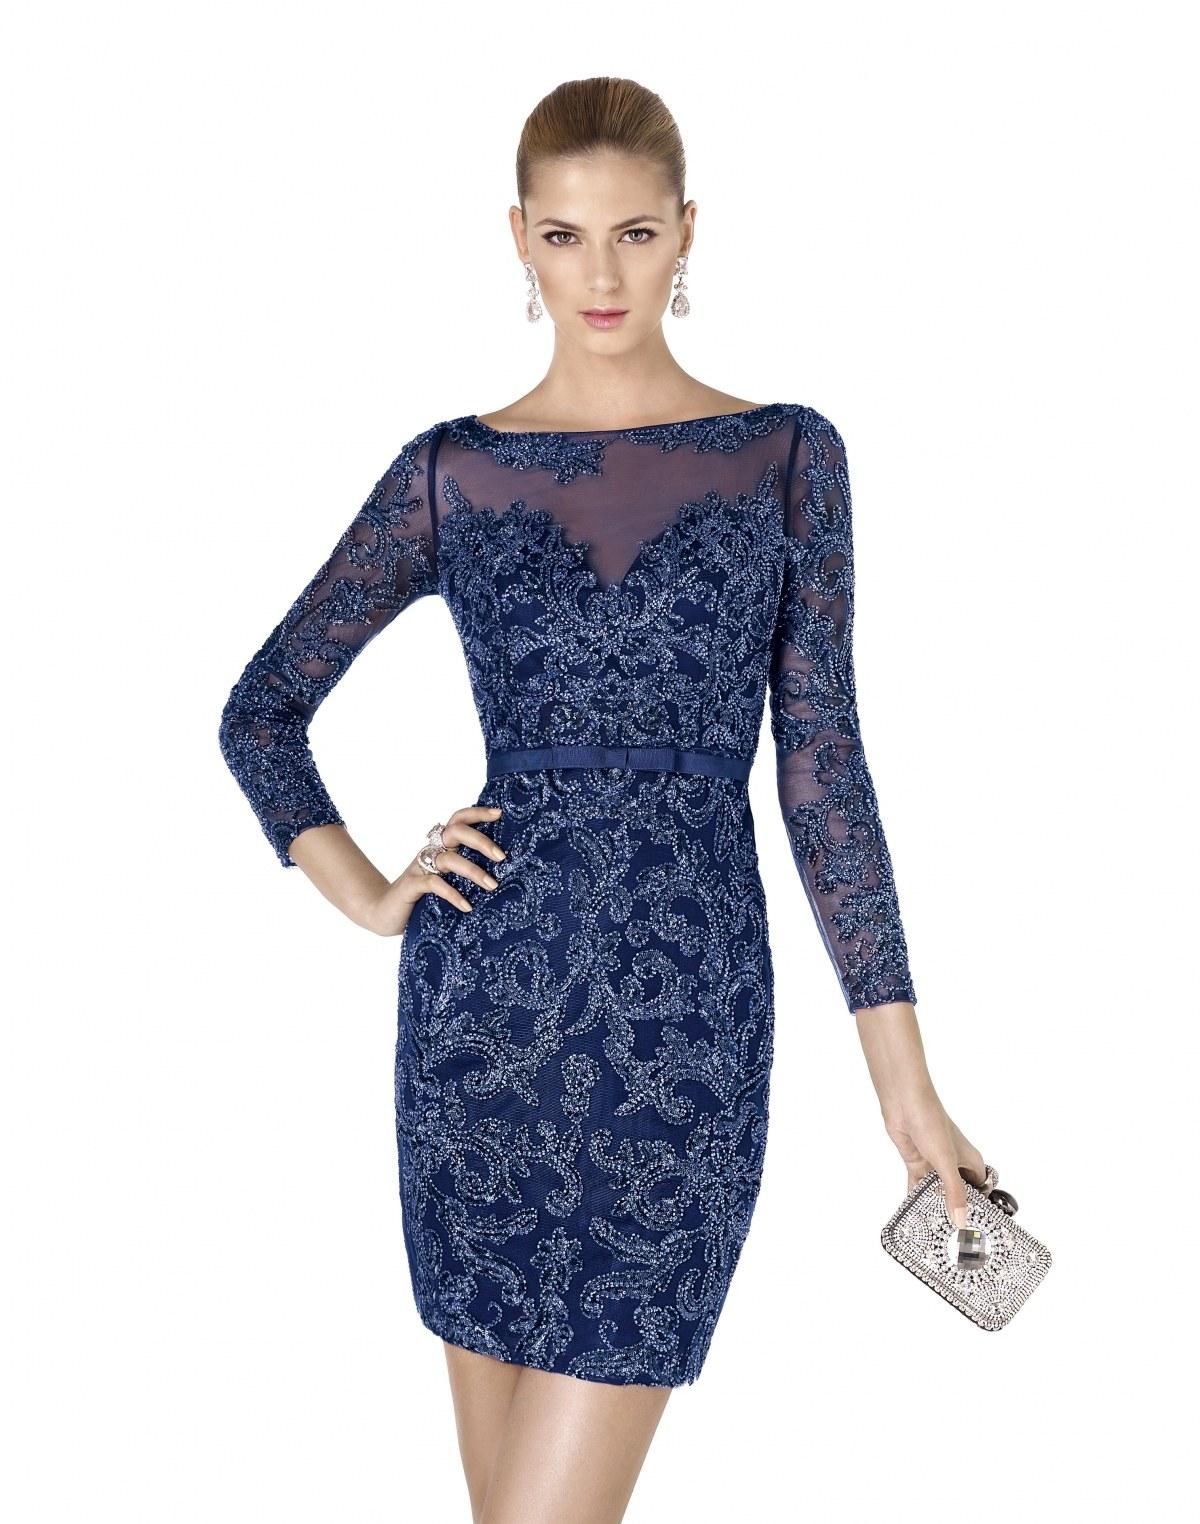 Вечерние платья в магазинах саратова